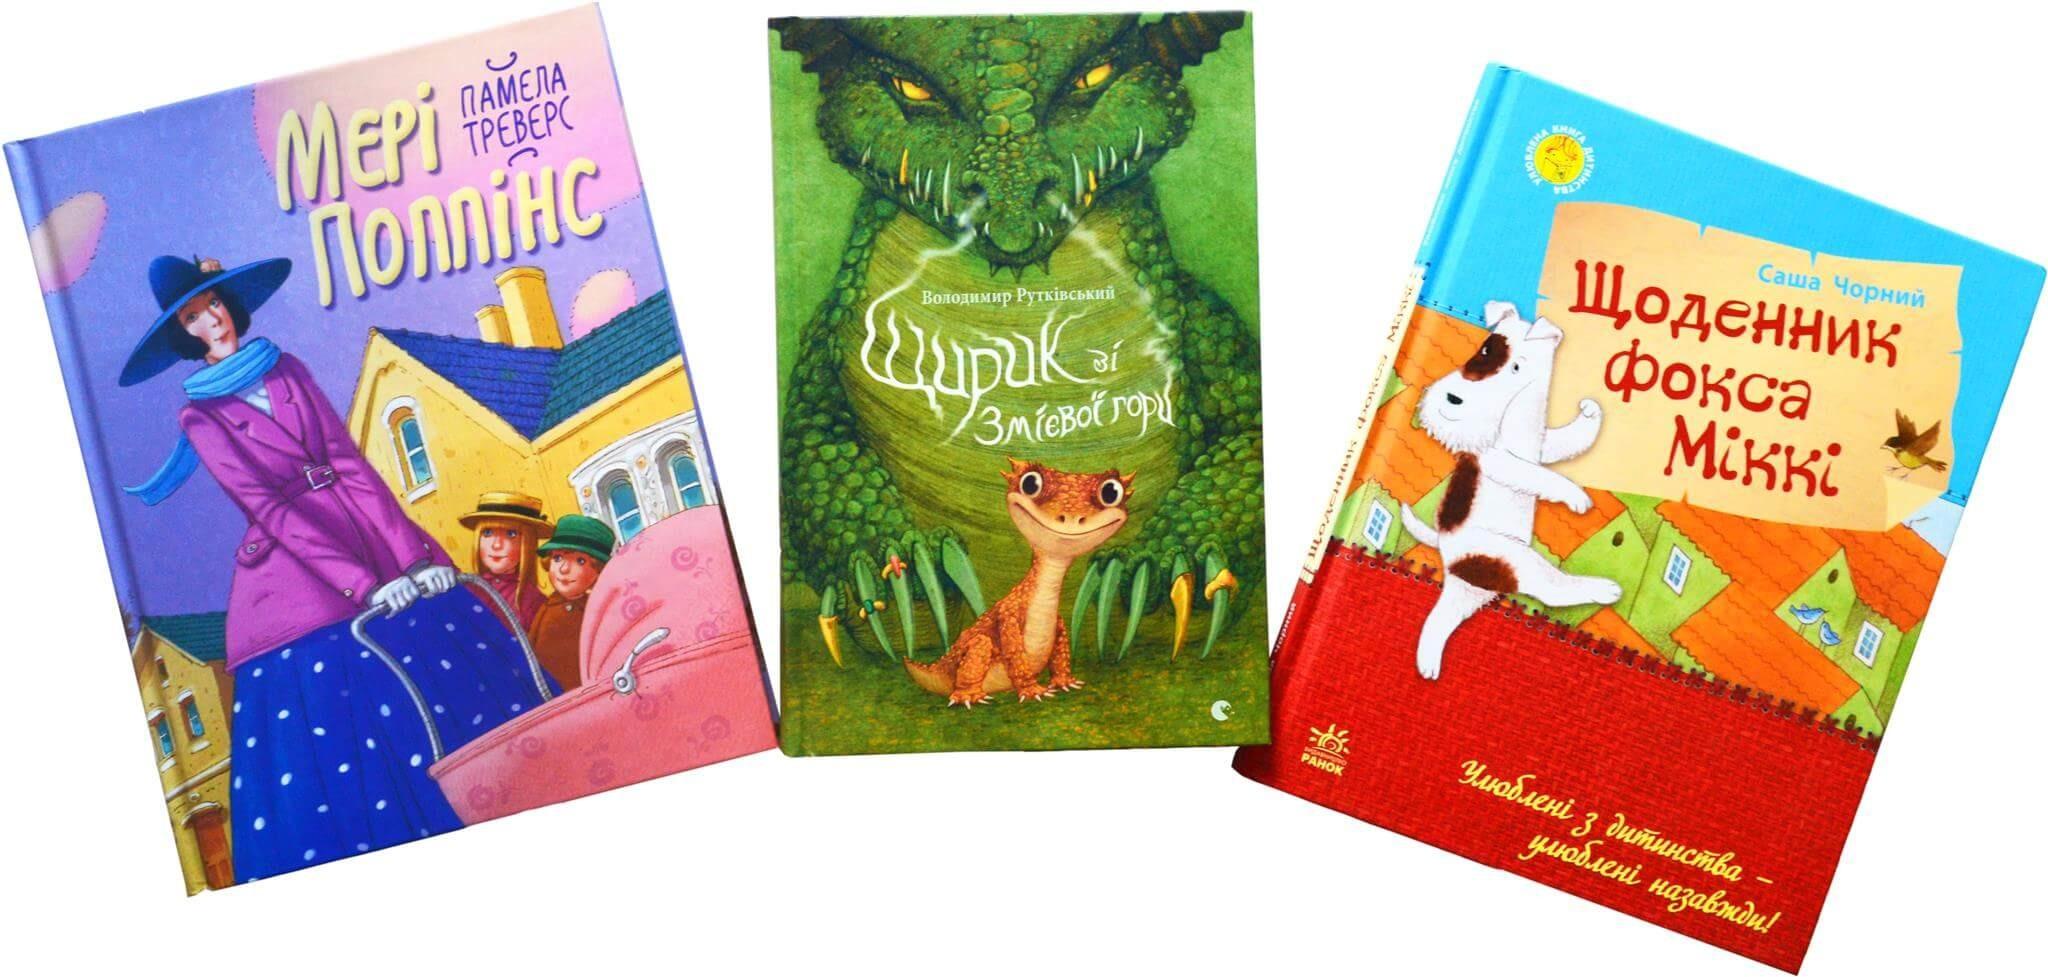 Книги: Детские повести и рассказы